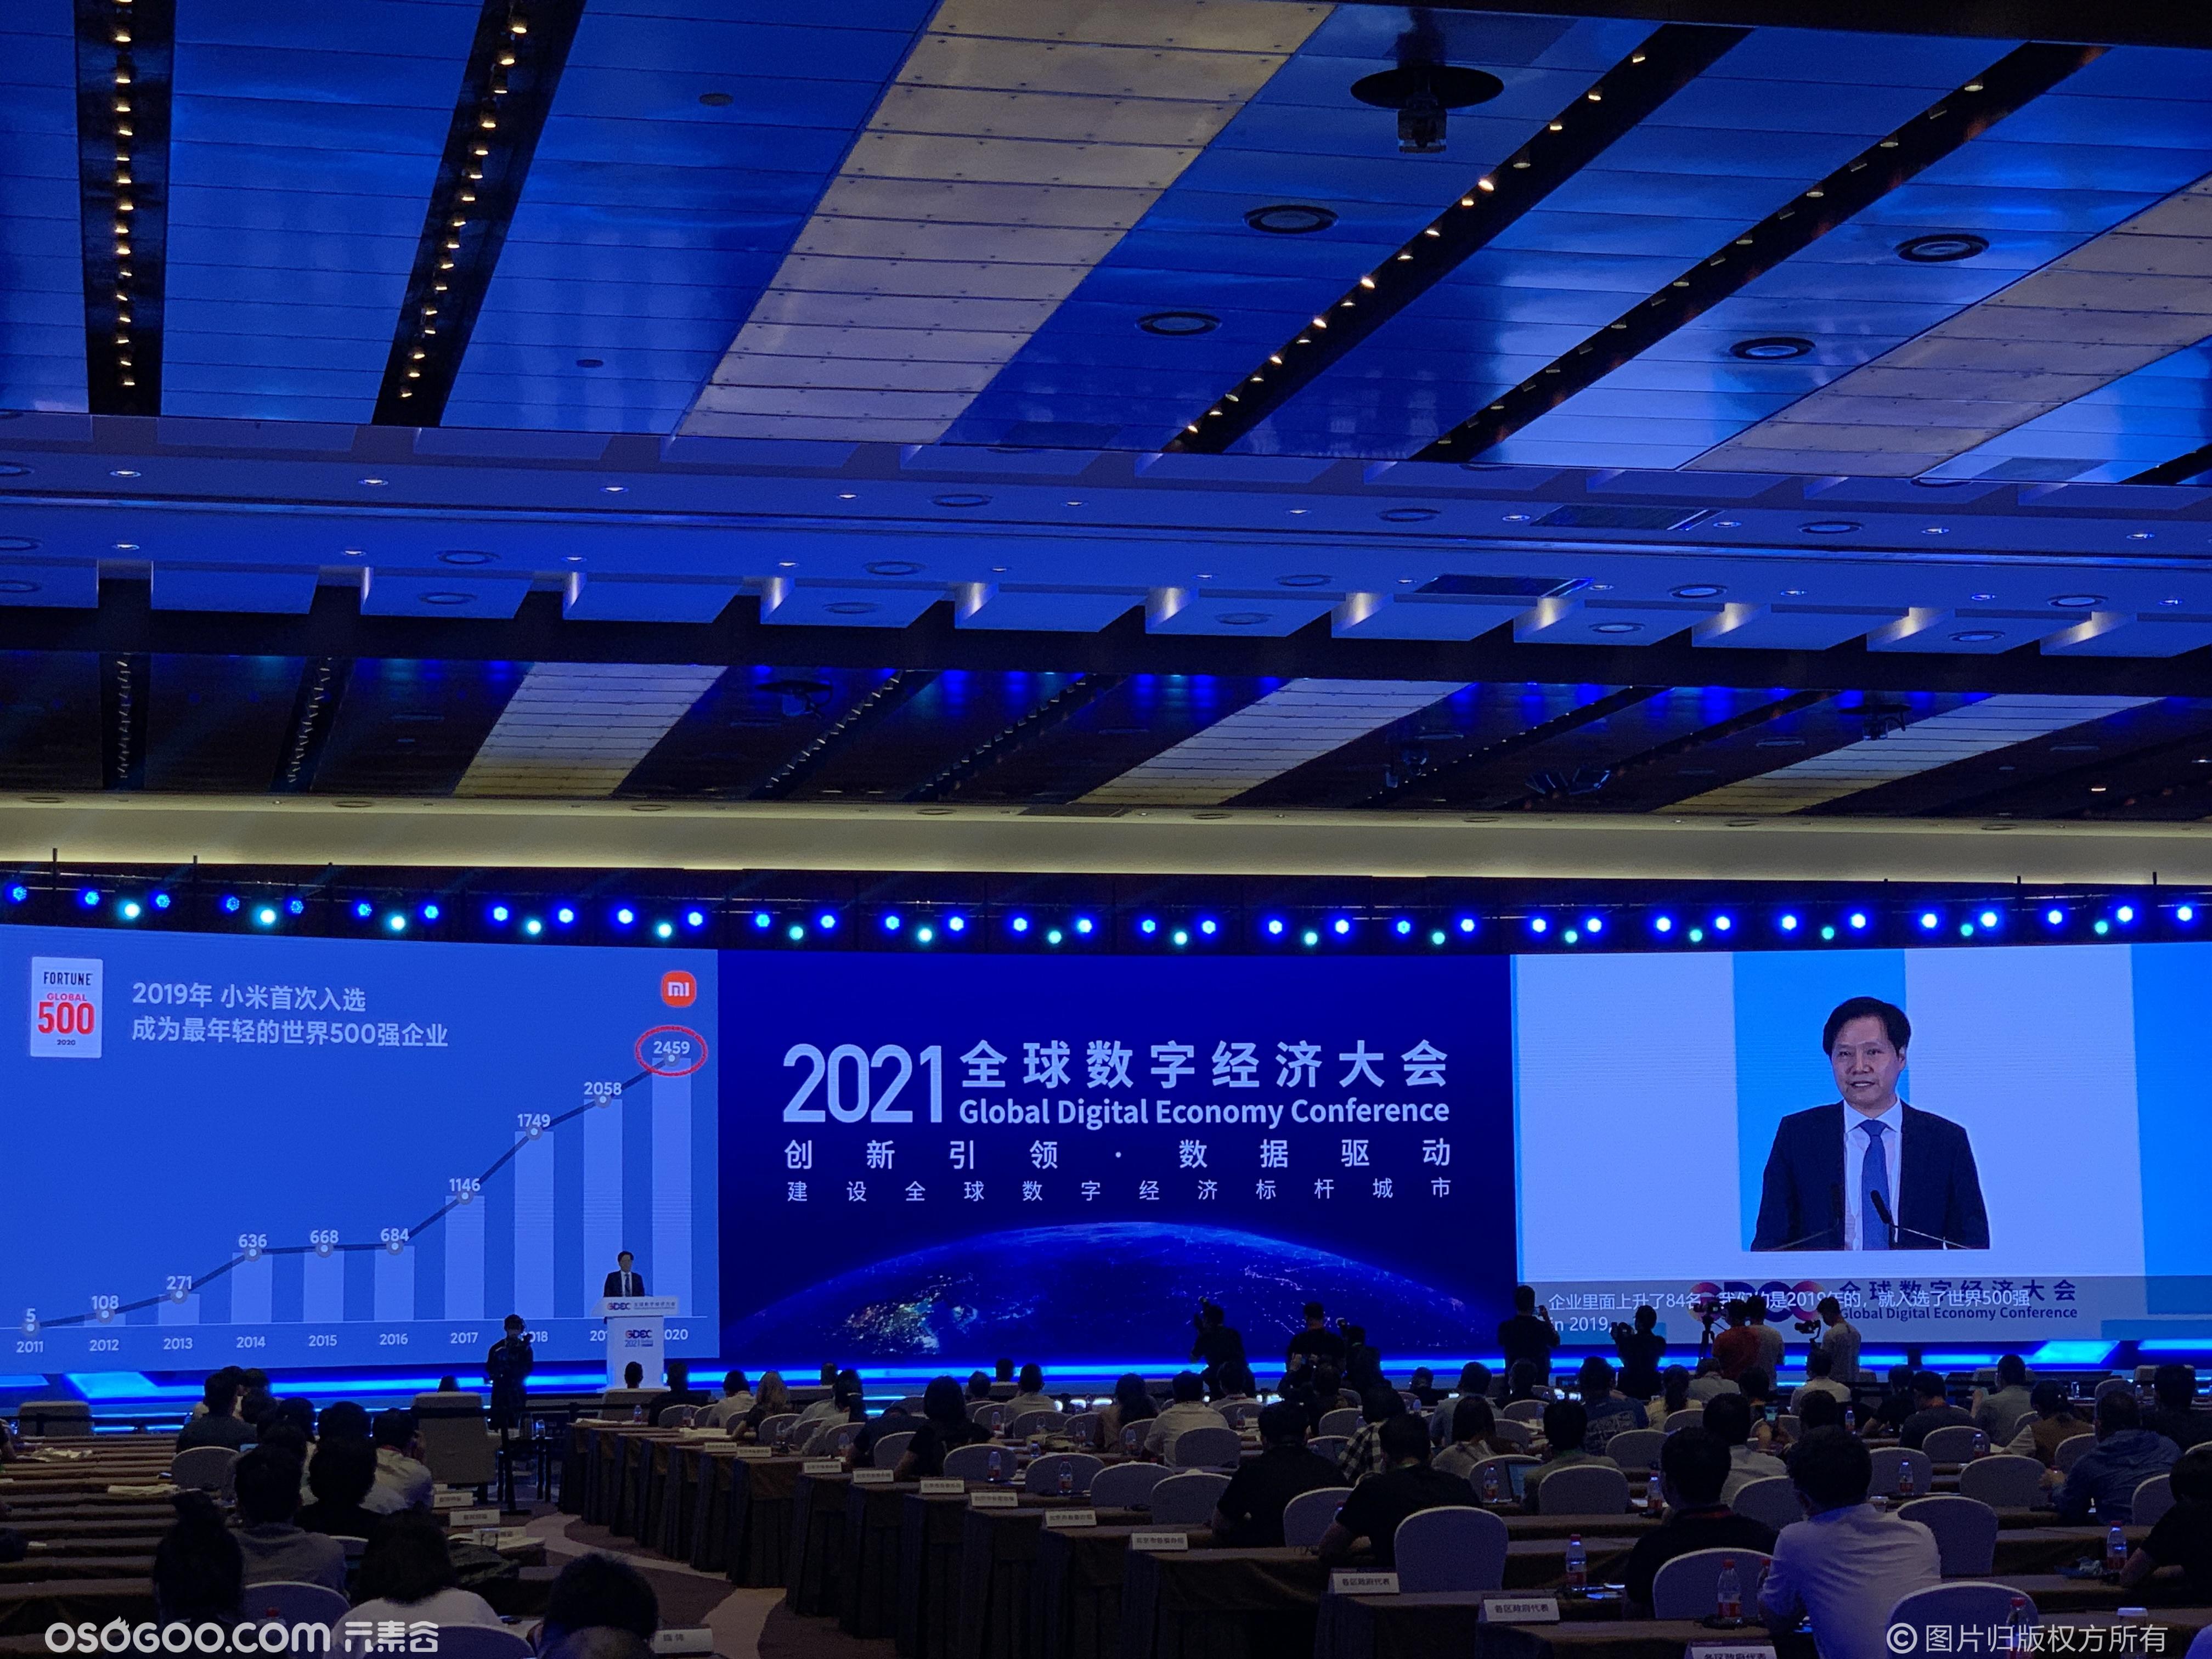 全球数字经济大会在京开幕,共谋数字经济新发展视频签约